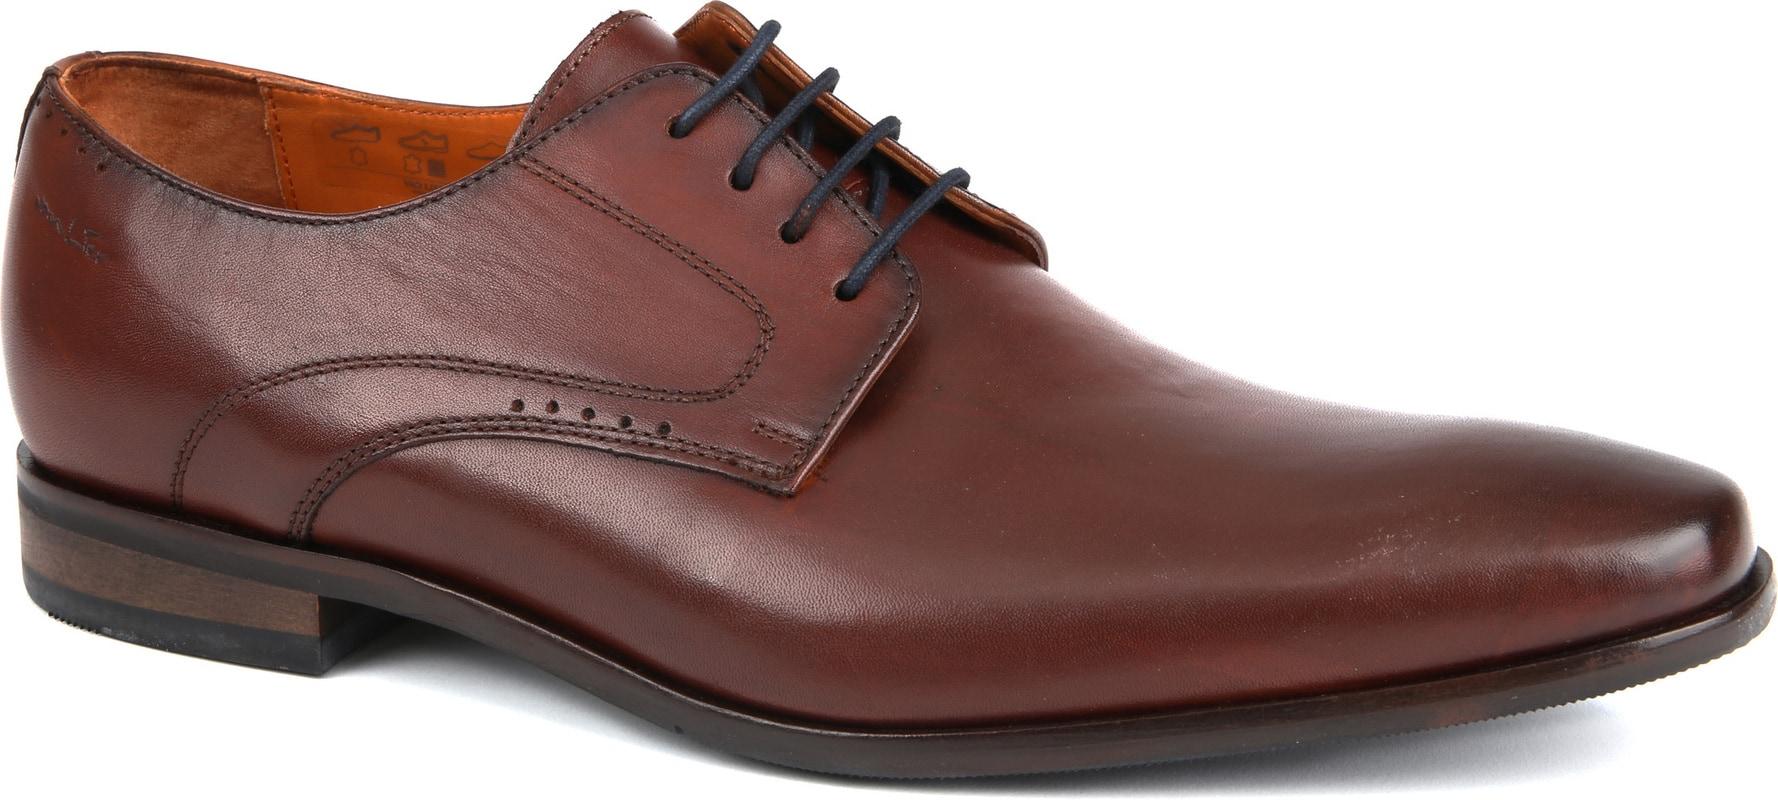 Van Lier Dress Shoes Cognac Lether photo 0